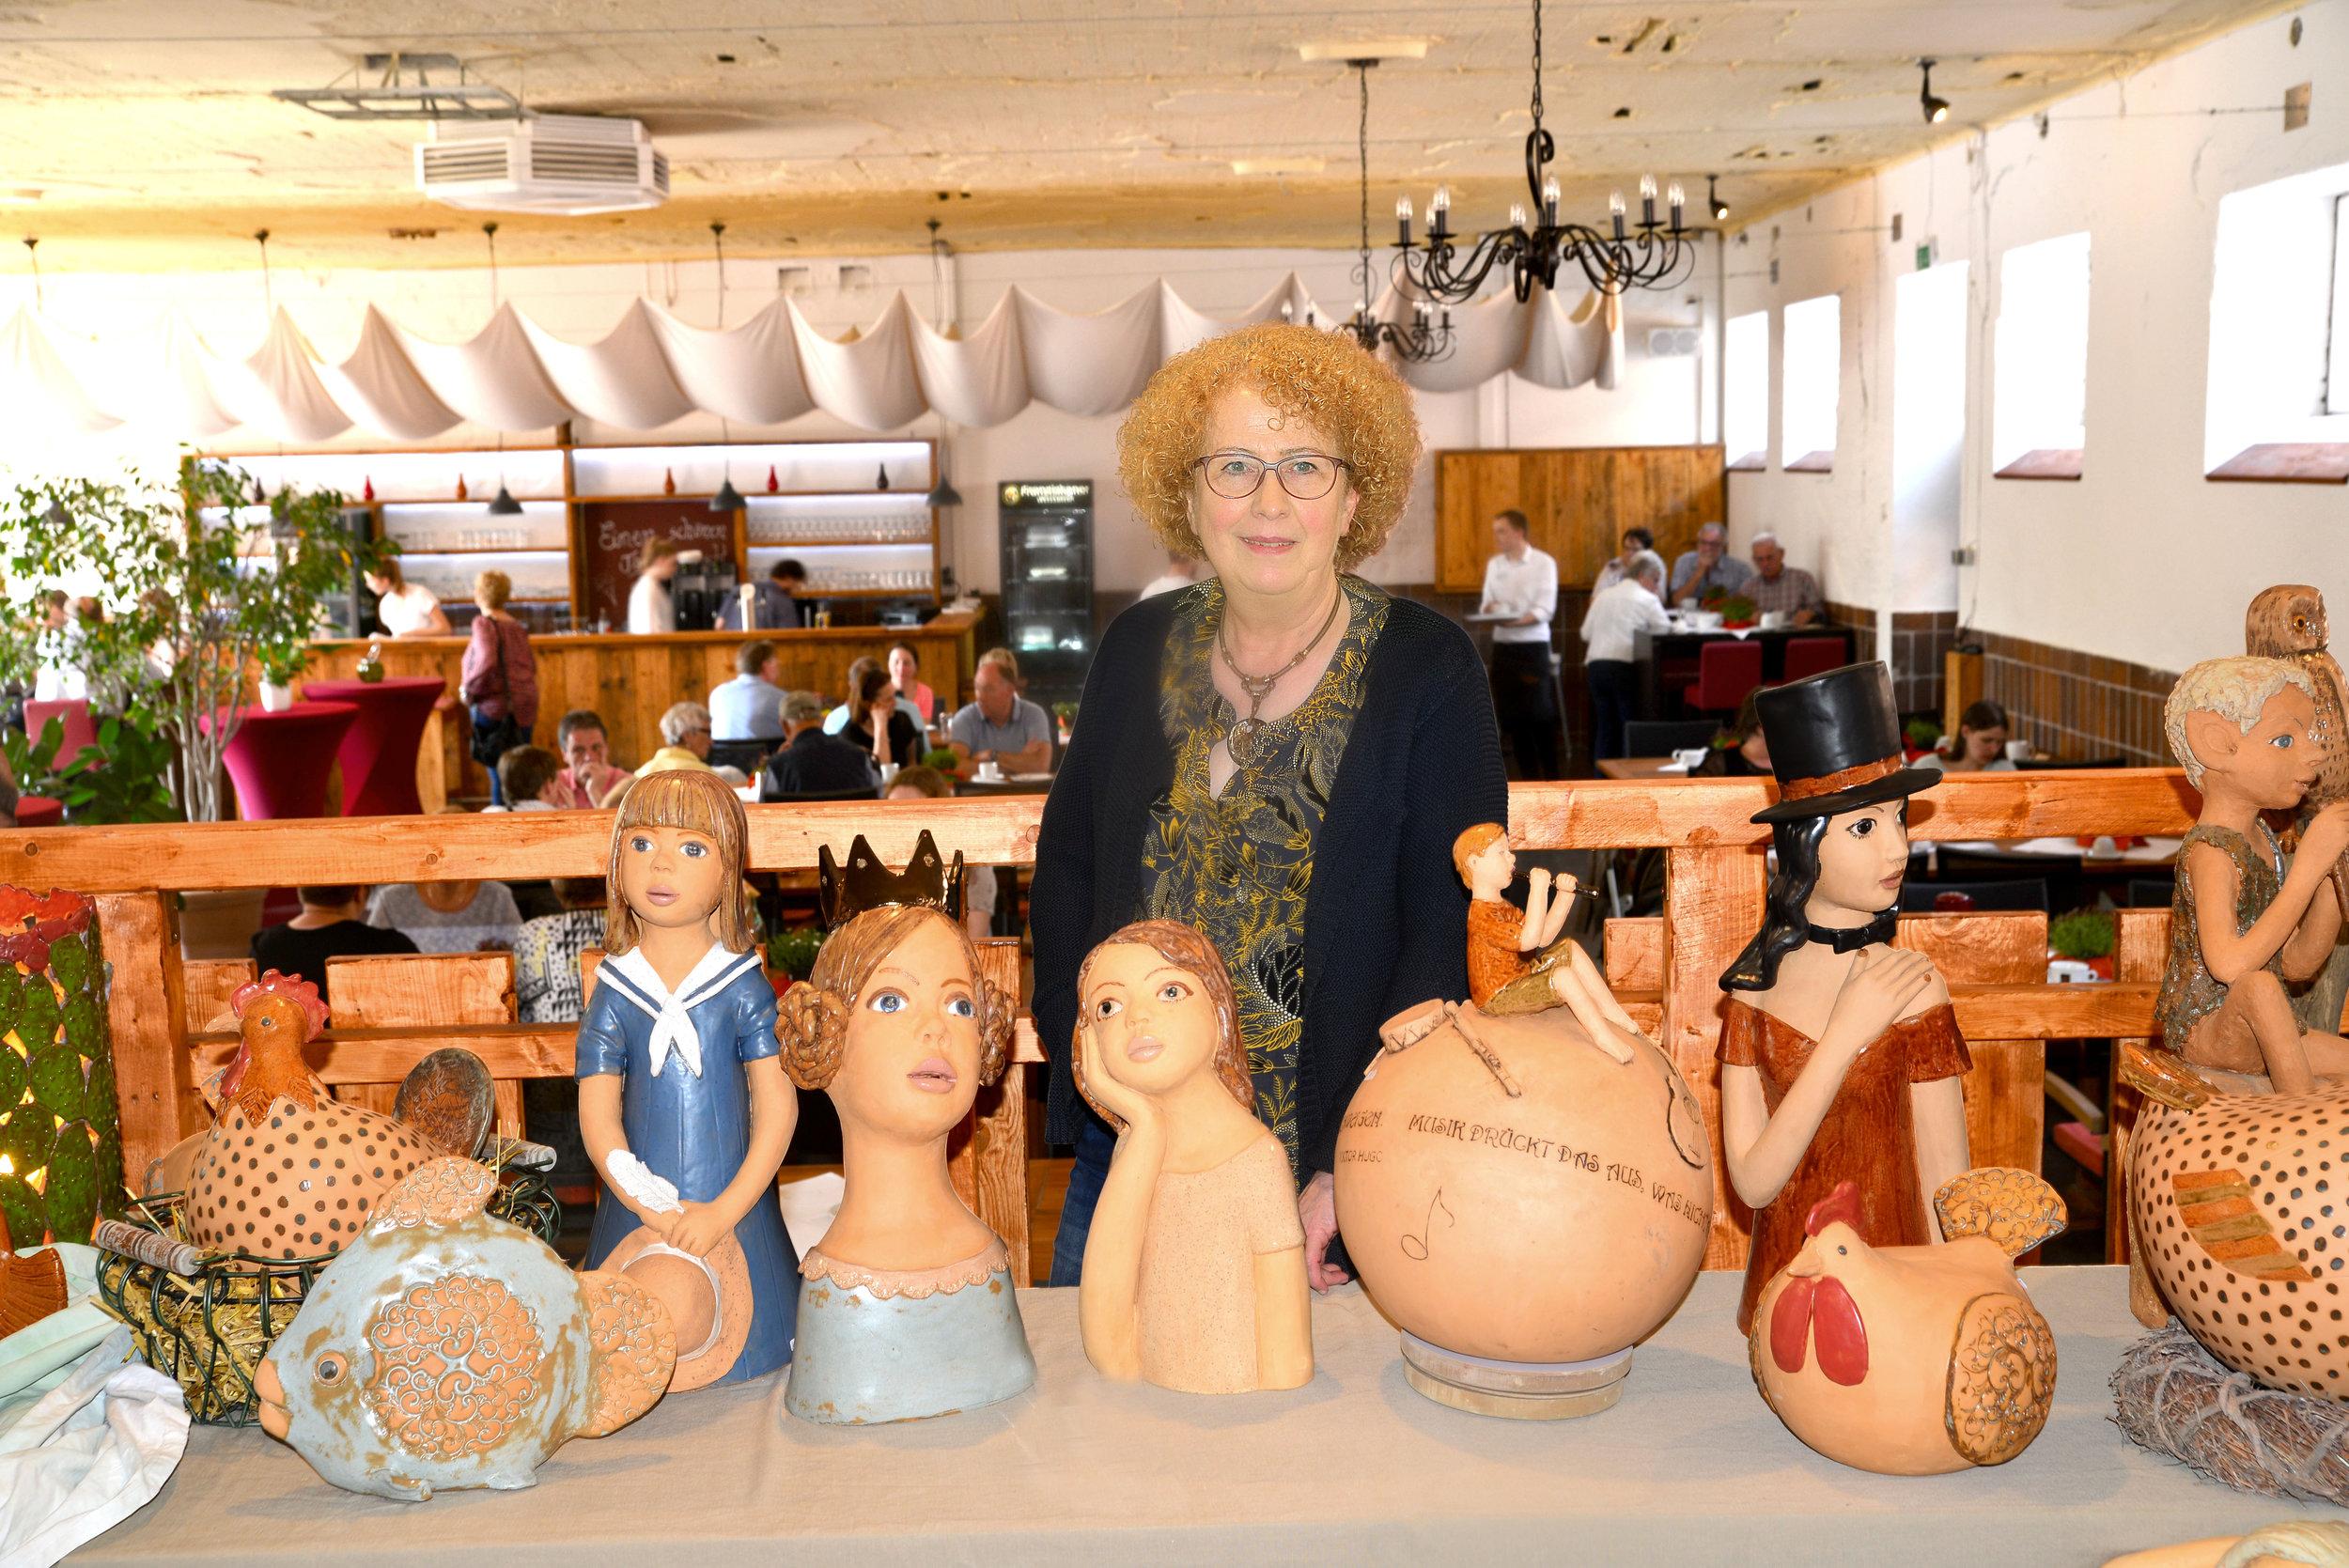 Charakterkönfe aus Ton entstehen in der Werkstatt von Hannelore Wichmann aus Kneheim